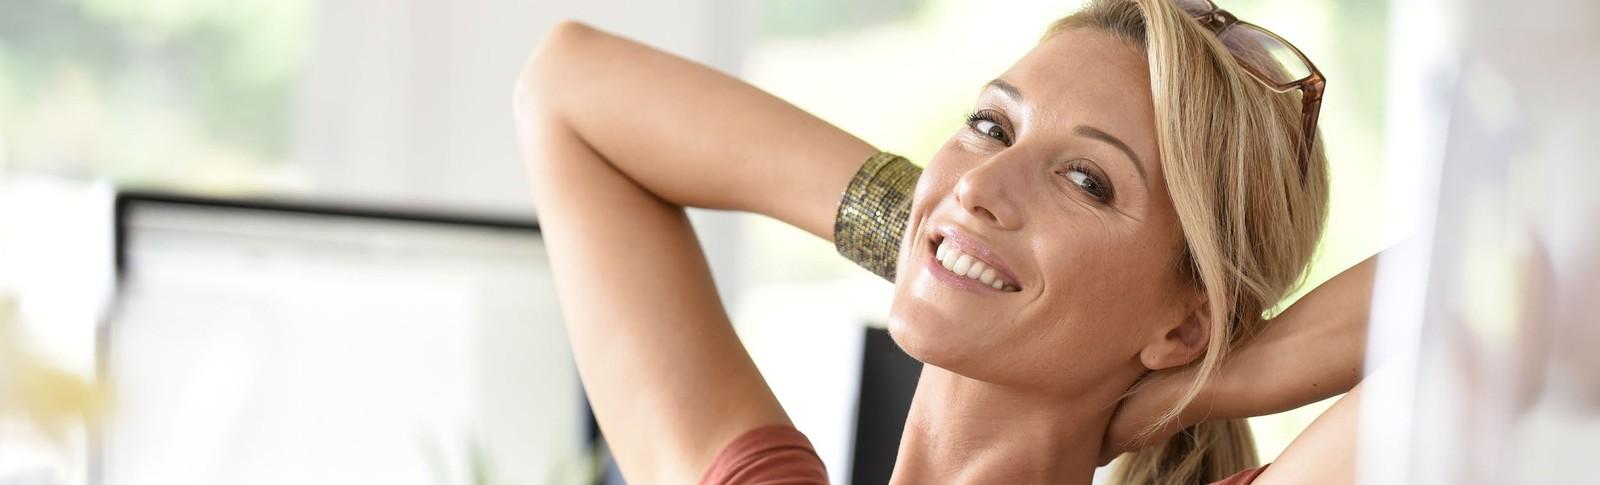 blonde Frau lehnt sich nach Brustvergrößerung in Moser Klinik lächelnd an Schreibtisch zurück